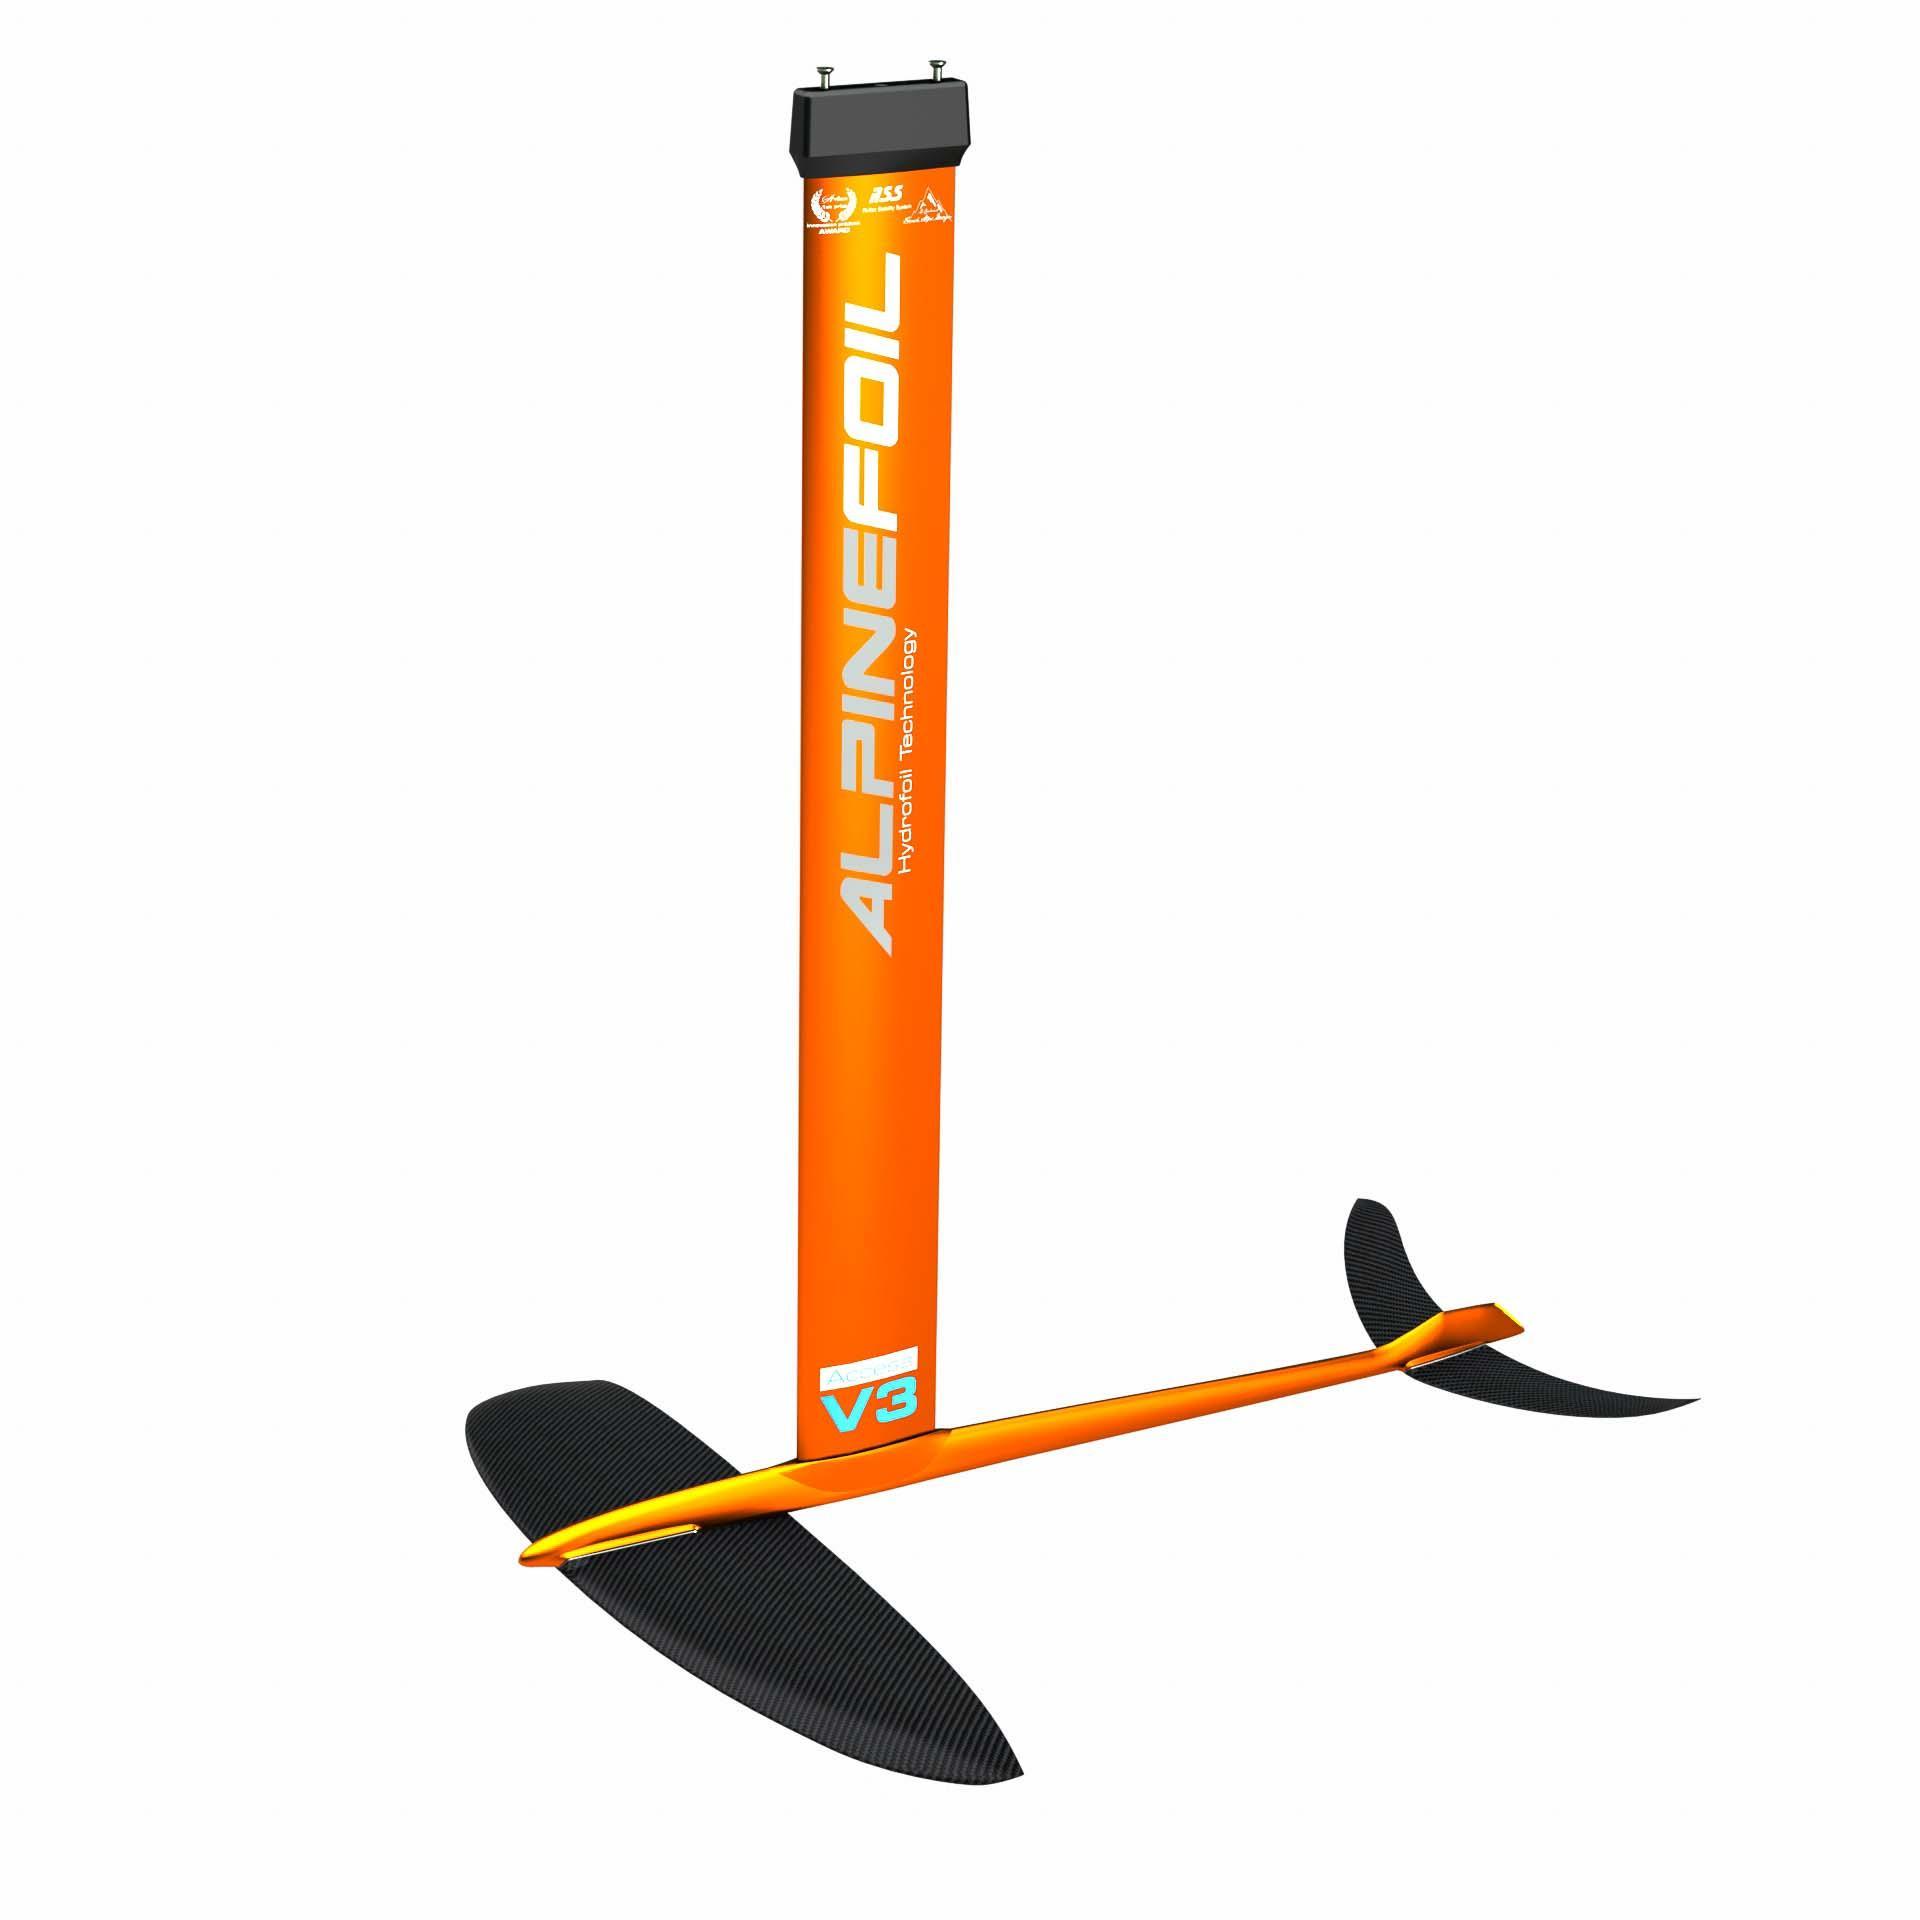 Kitefoil alpinefoil access 3 5 13